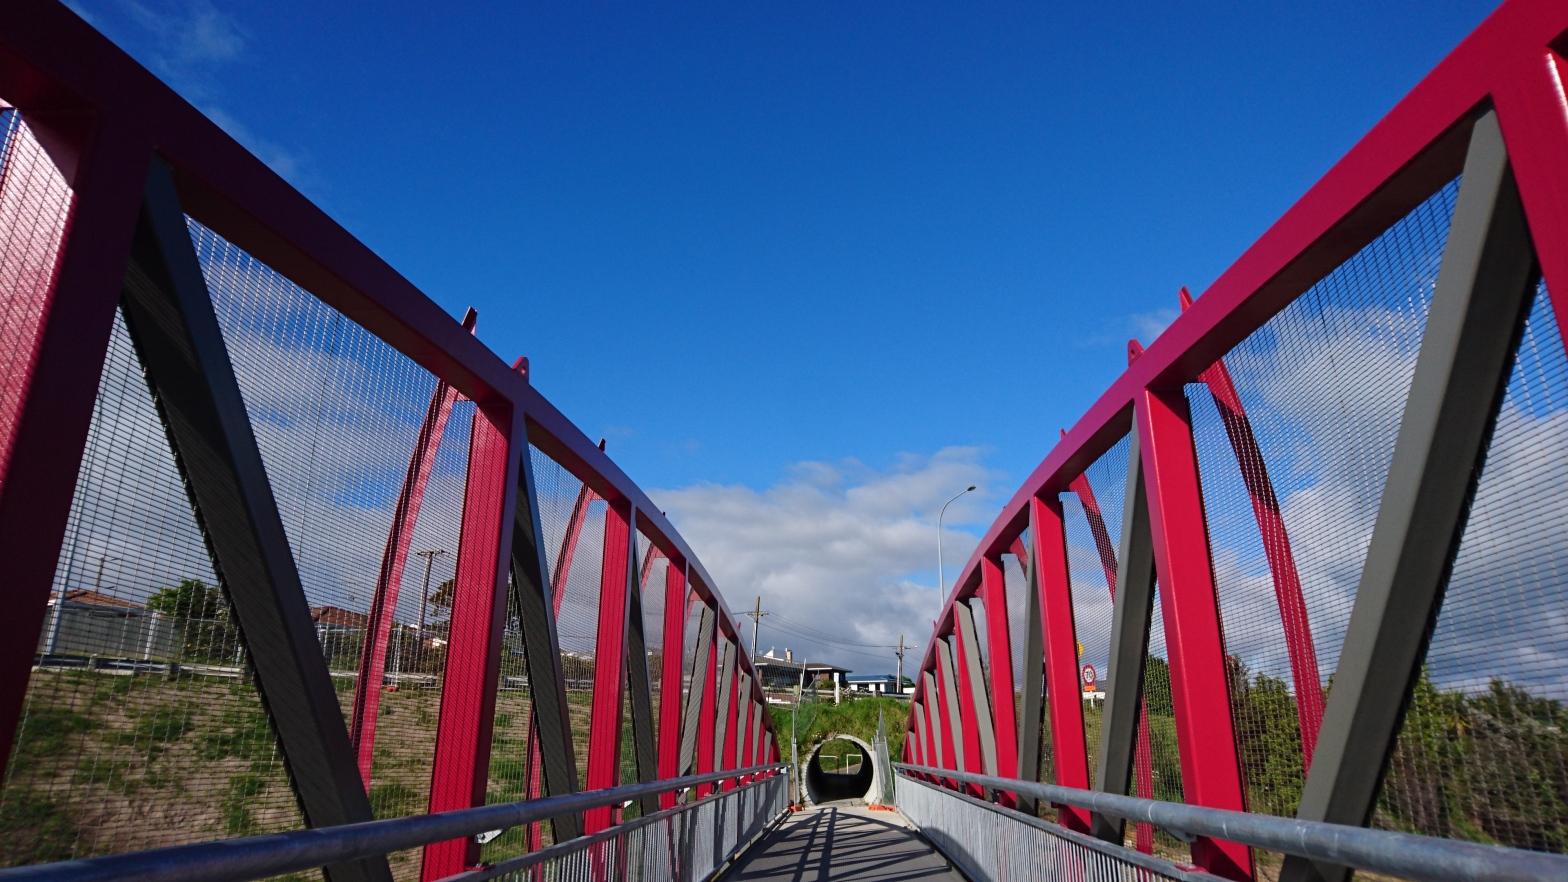 Maungatapu Walking bridge, Bay of Plenty, New Zealand